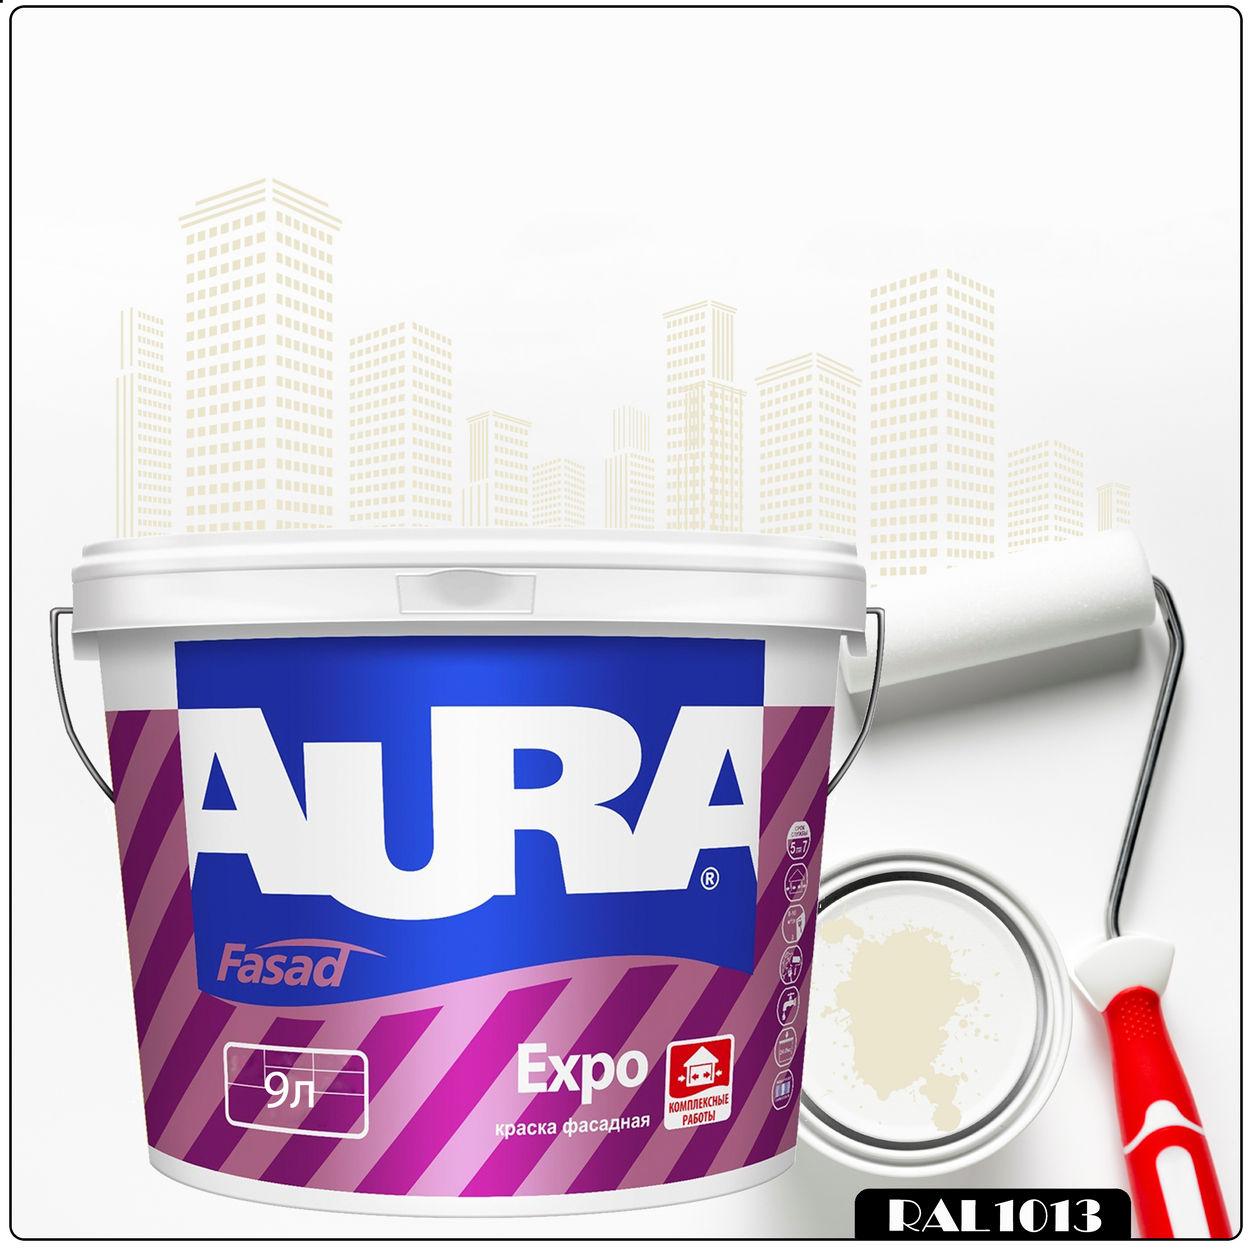 Фото 11 - Краска Aura Fasad Expo, RAL 1013 Жемчужно-белый, матовая, для фасадов и помещений с повышенной влажностью, 9л.